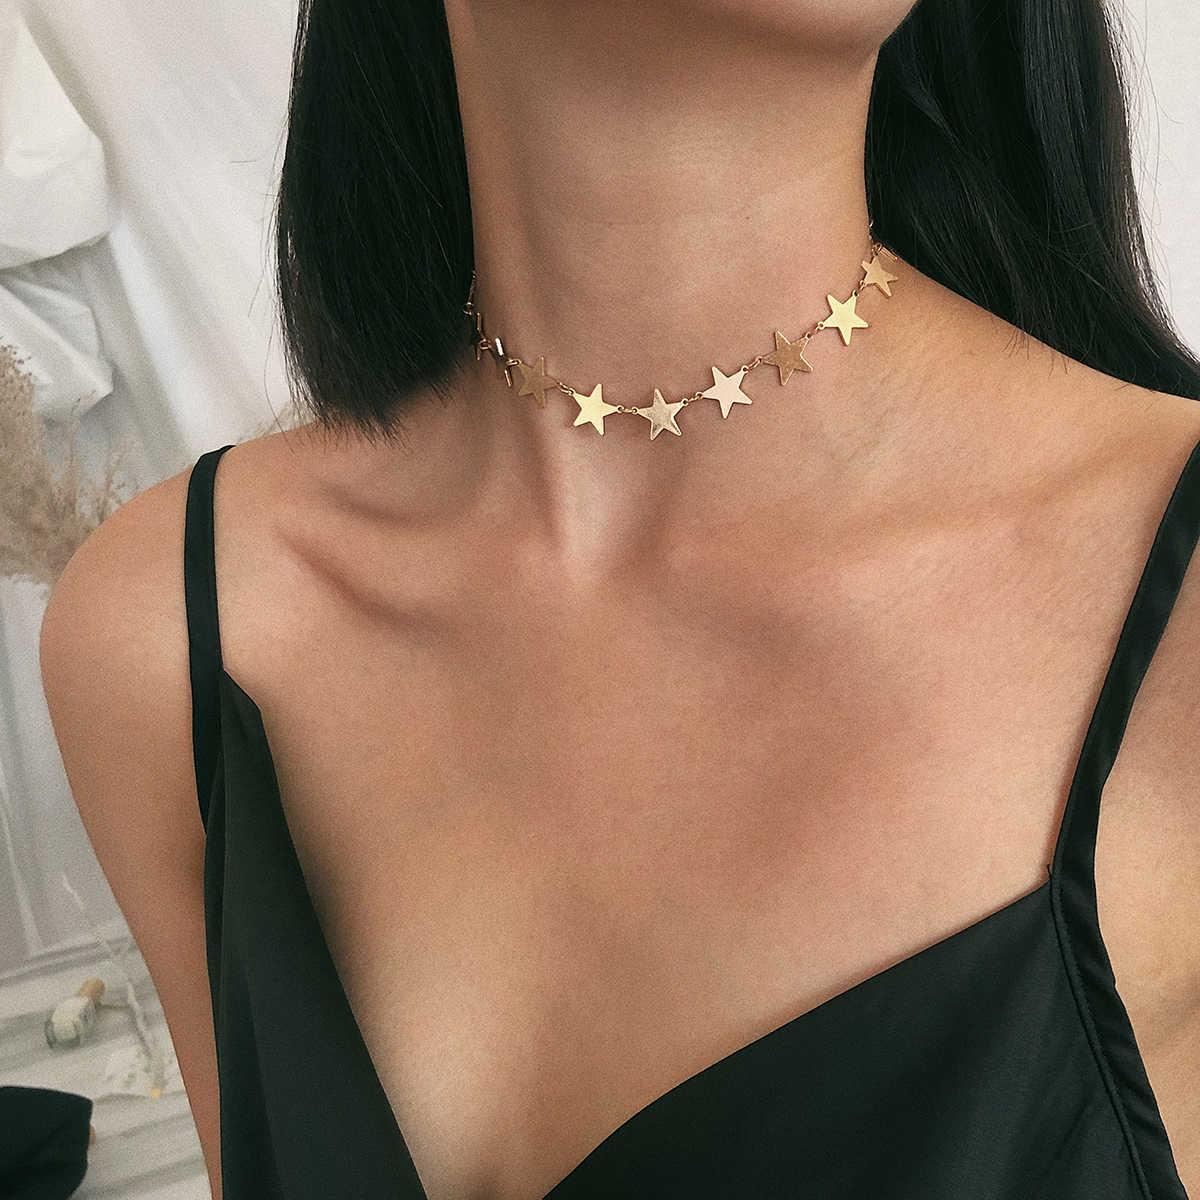 IngeSight. Z coréen mignon cuivre étoile collier ras du cou collier pour les femmes déclaration Simple minimaliste clavicule chaîne collier bijoux